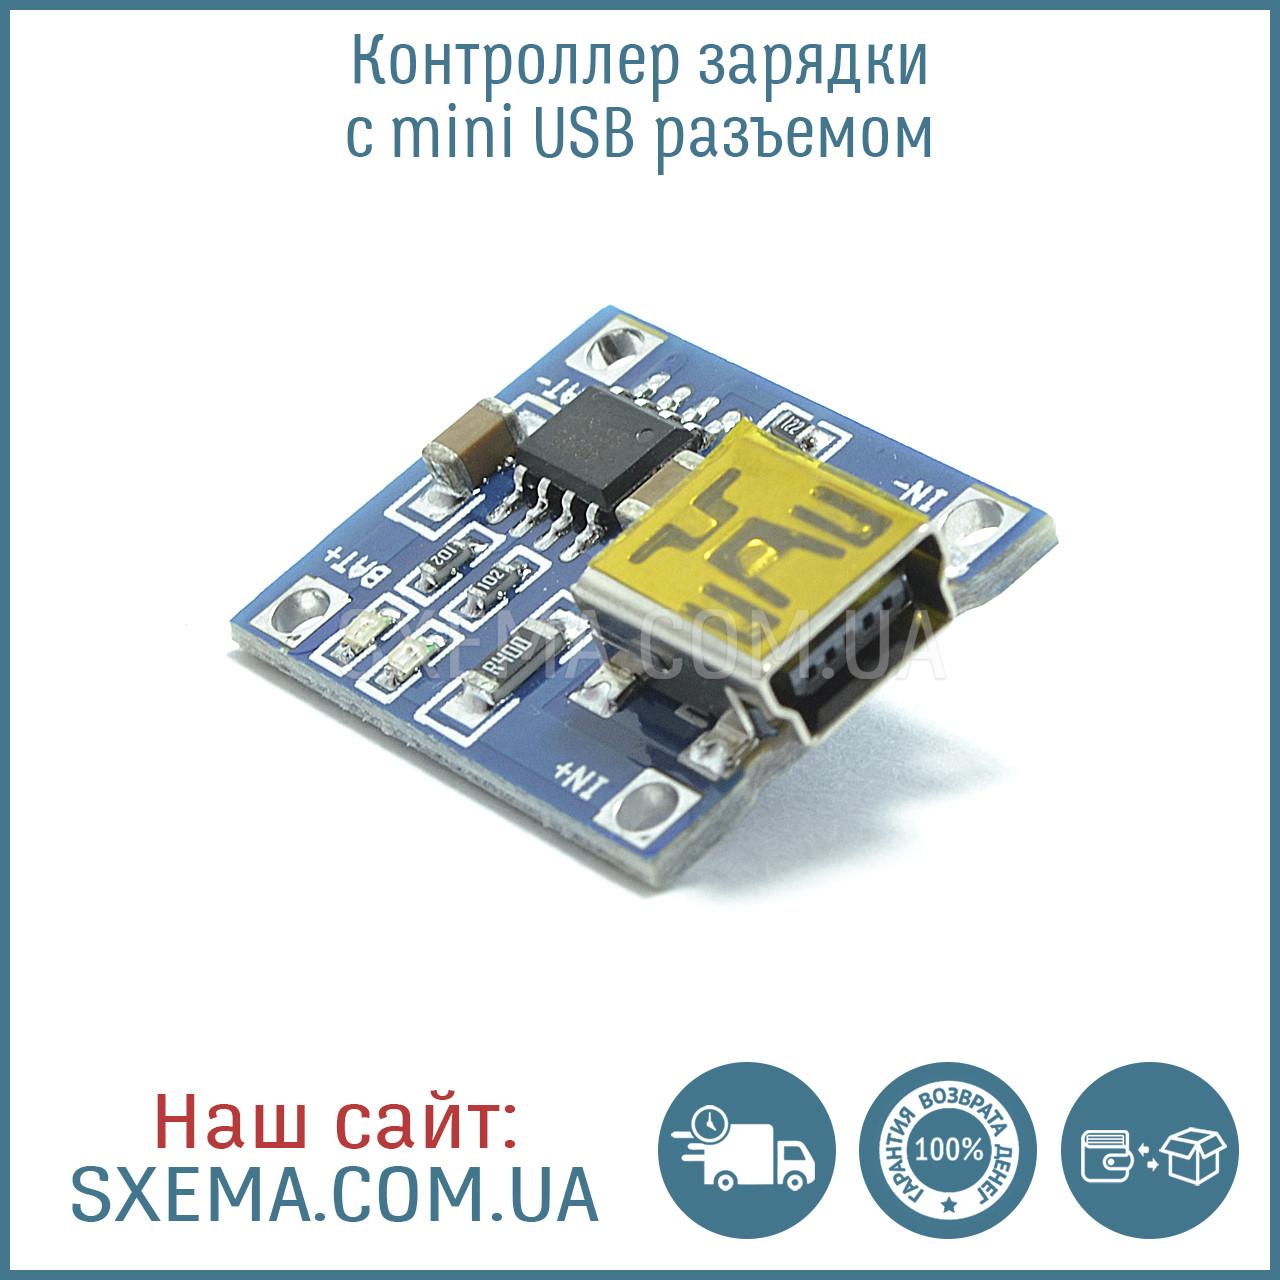 Контроллер зарядки с mini USB разьемом